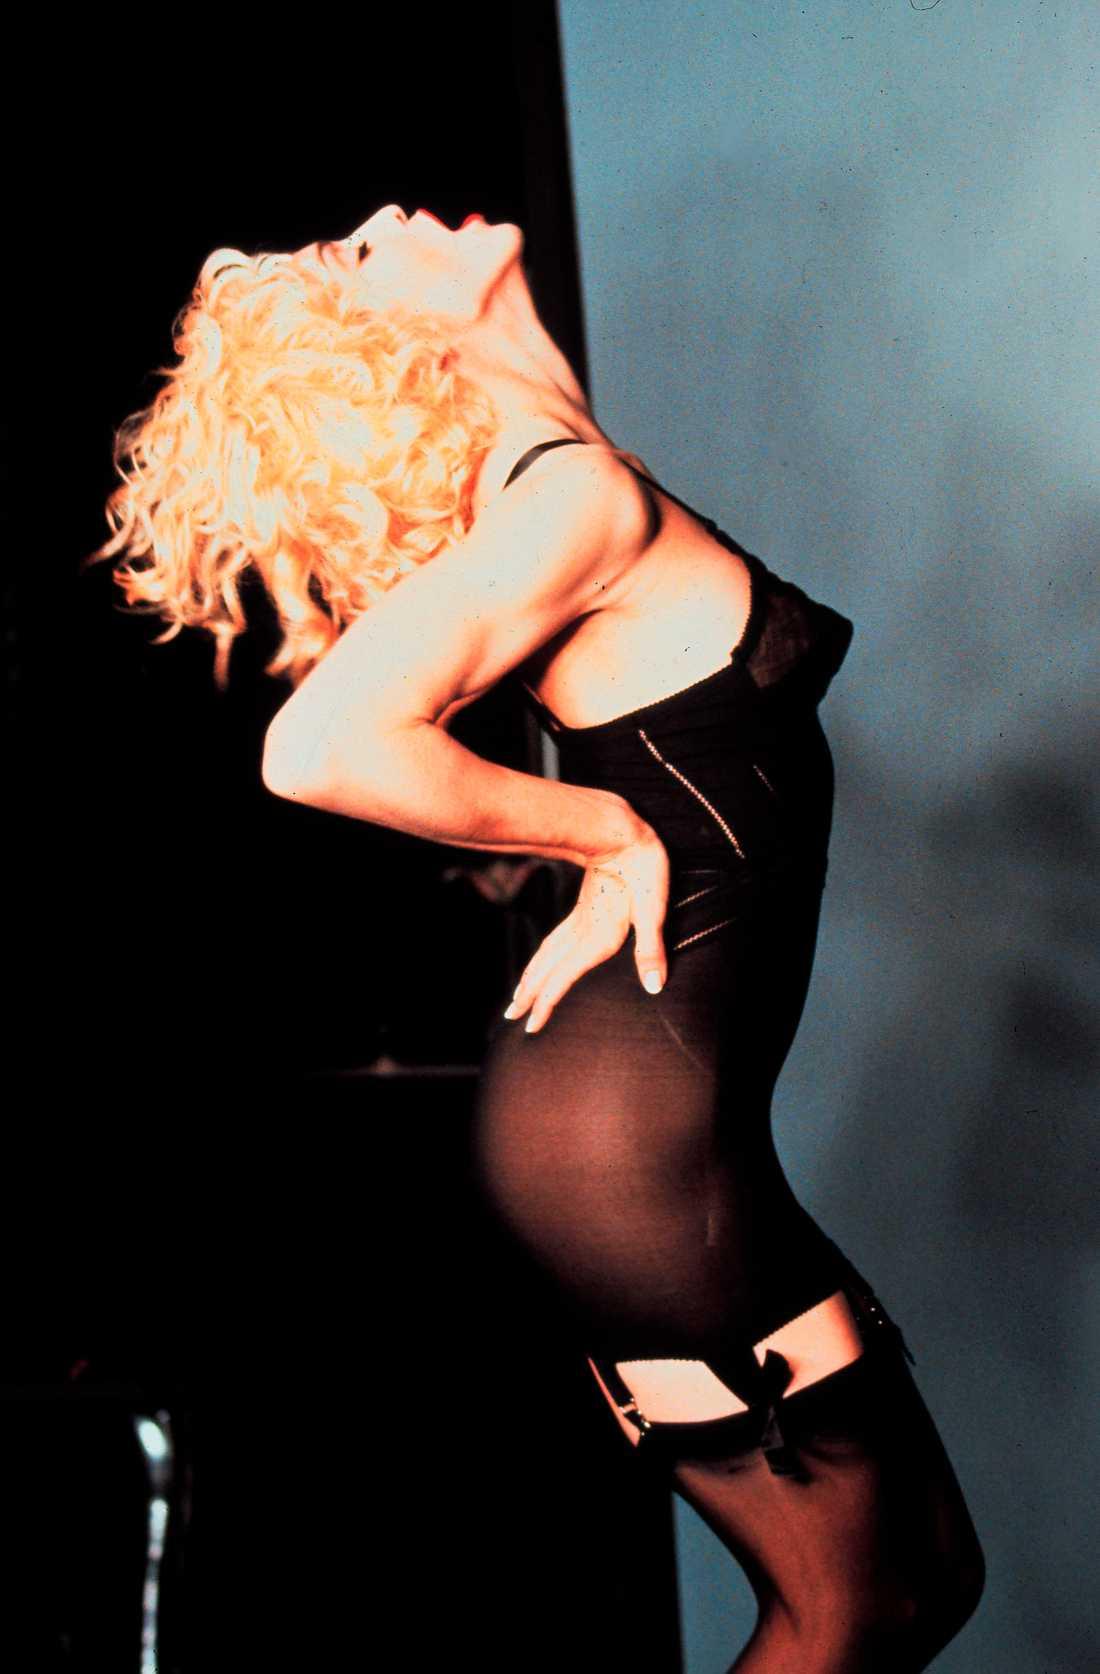 """Nöjesbladets Jan- Olov Andersson  skriver i dag ett personligt brev till  Madonna som han  recenserade 1990. """"Hela du var en enda stor härlig provokation"""", skriver han. Här syns Madonna i  """"Express yourself""""- videon från det året – med svarta underkläder och strumpor."""